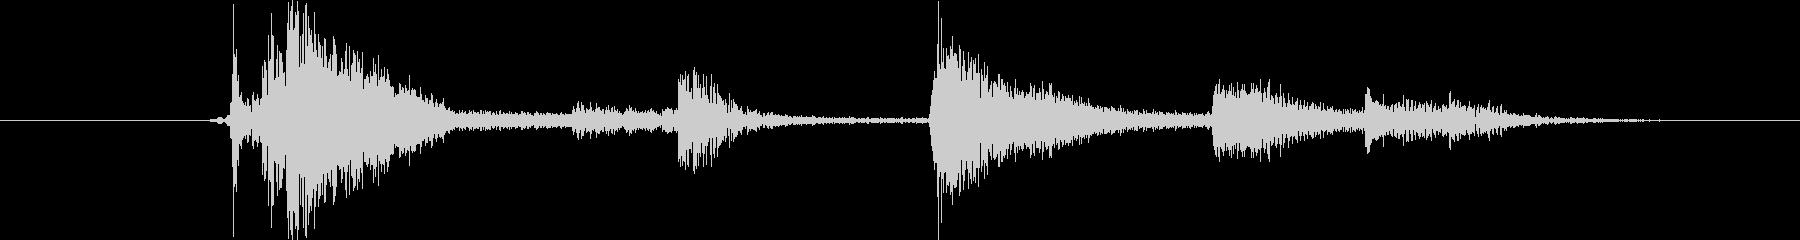 メタル ドロップストーン02の未再生の波形